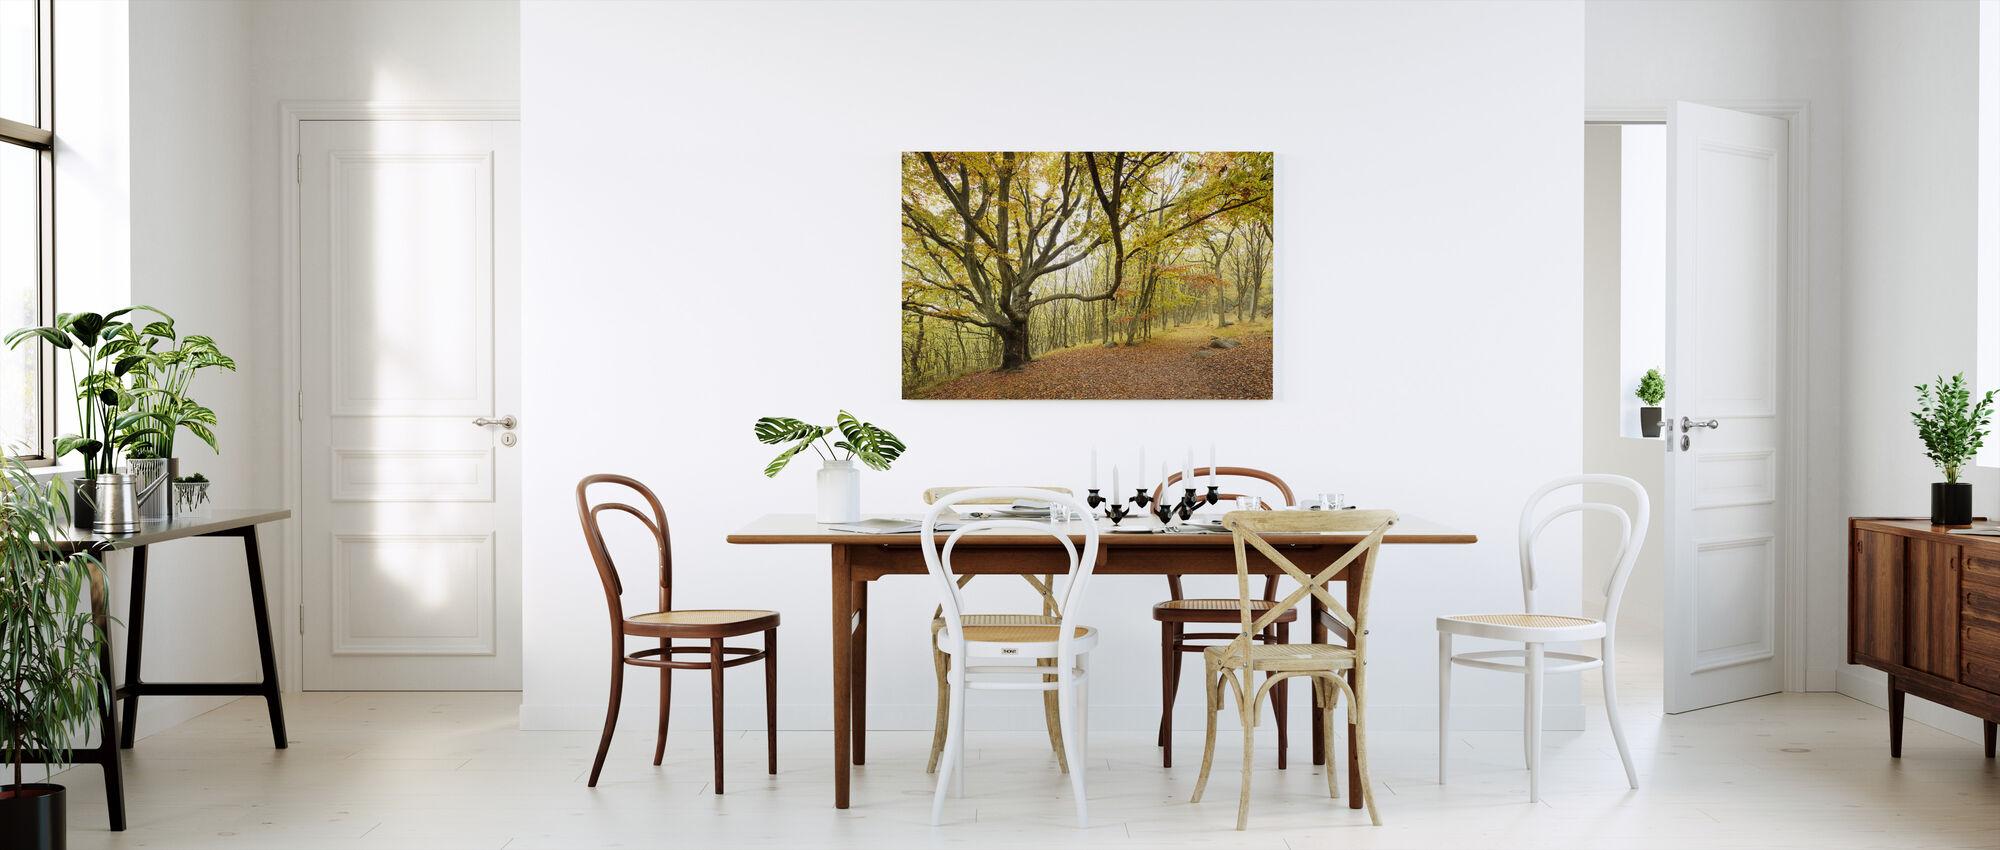 Autumn Trees in Stenshuvud, Sweden, Europe - Canvas print - Kitchen